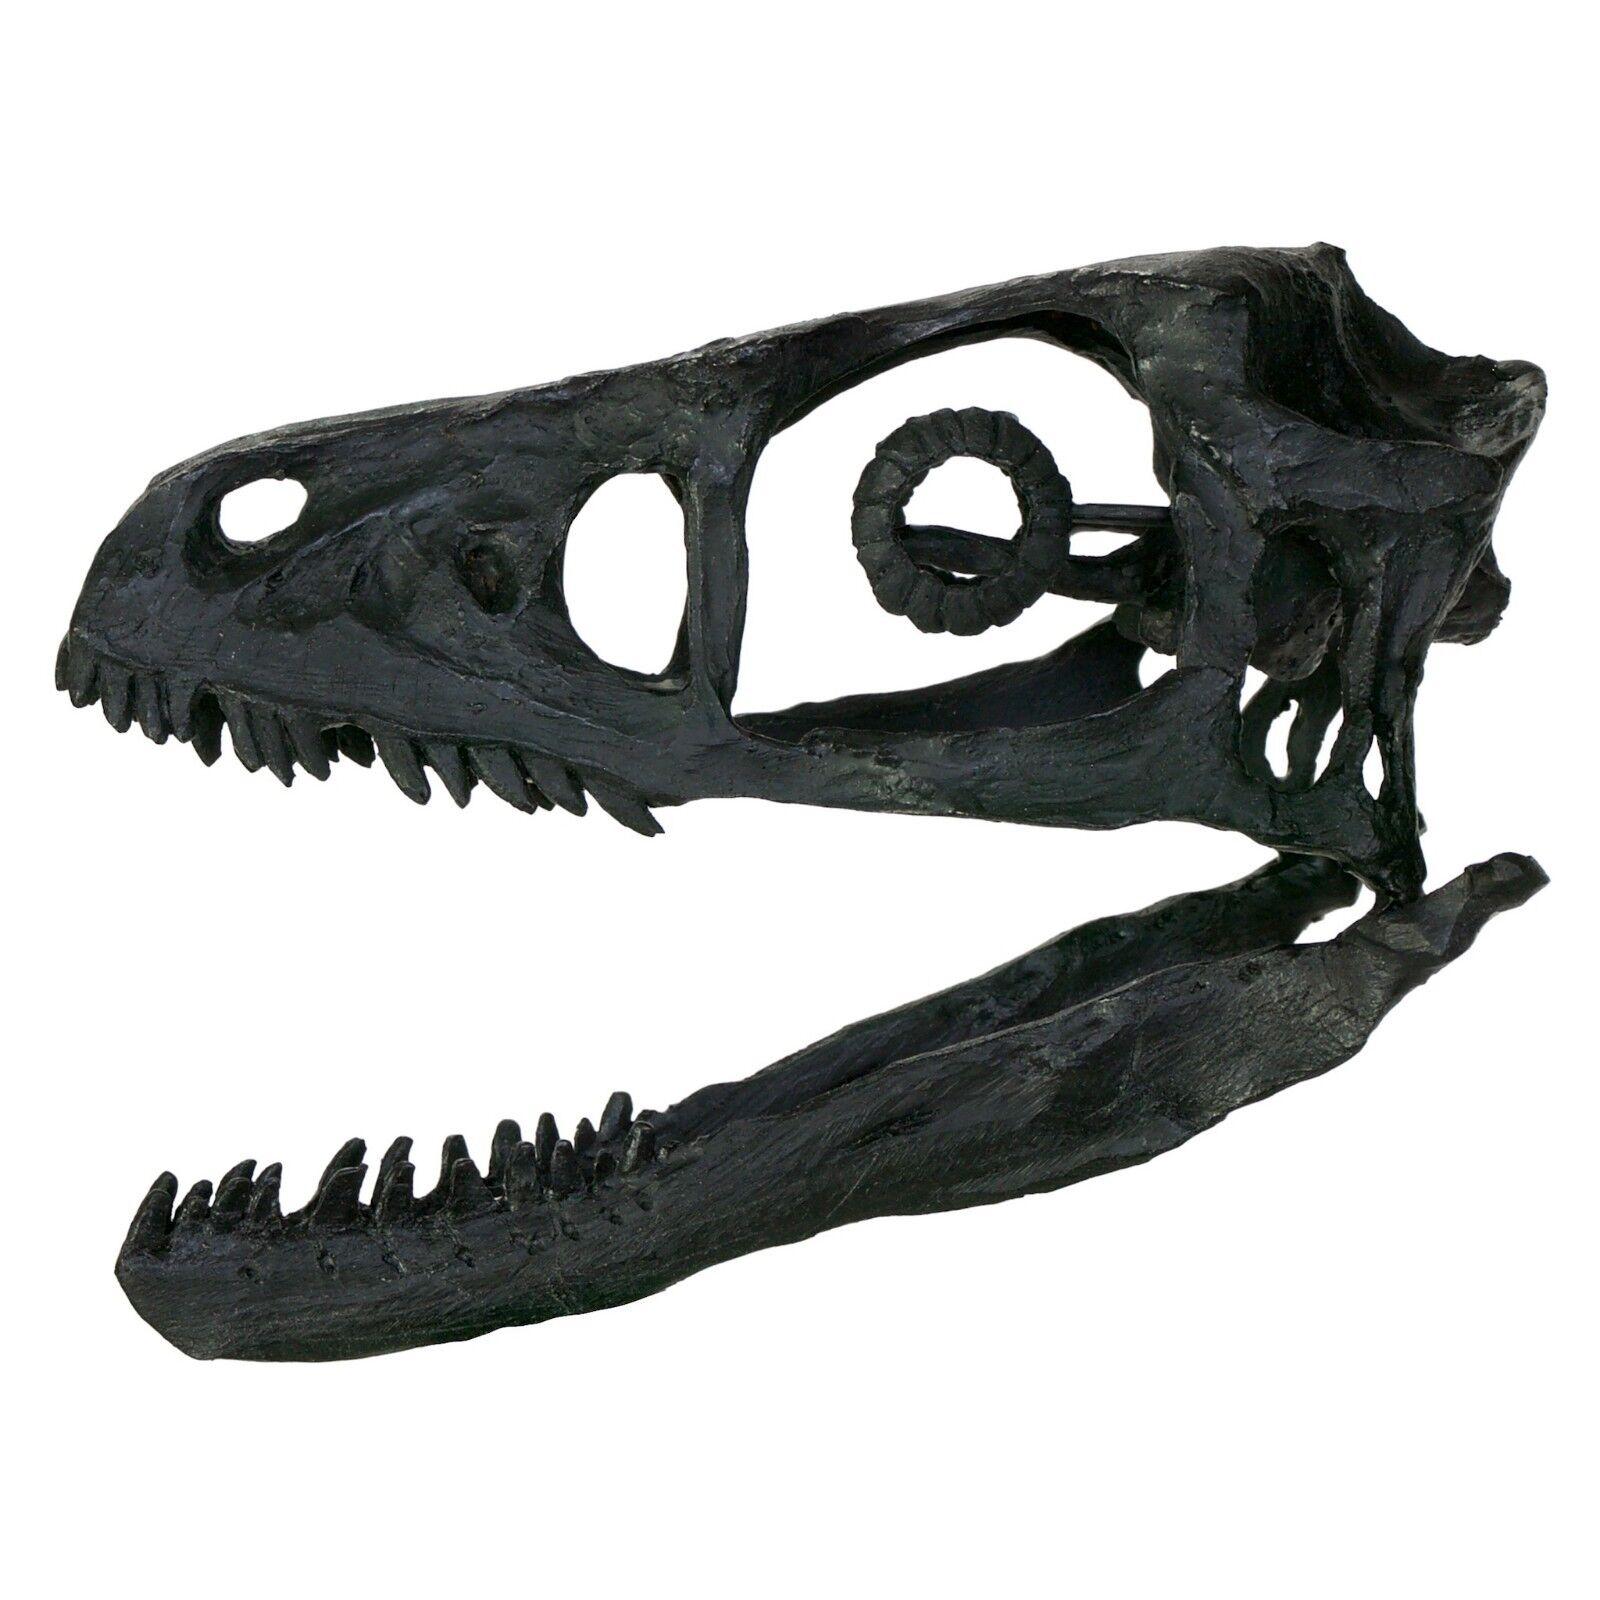 Stunning Raptor dinosaur skull - Bambiraptor fossil replica